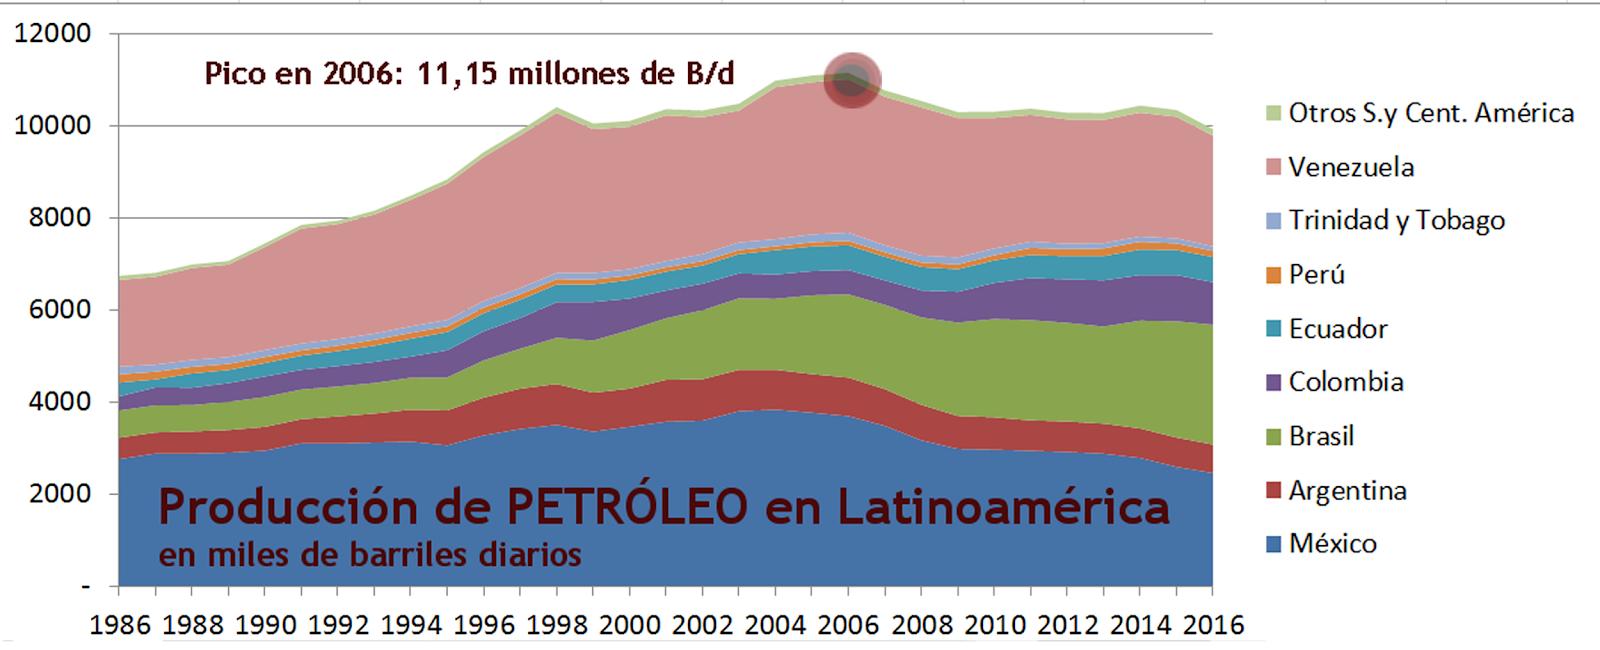 2017 Gráfico 2 Petróleo producción.png